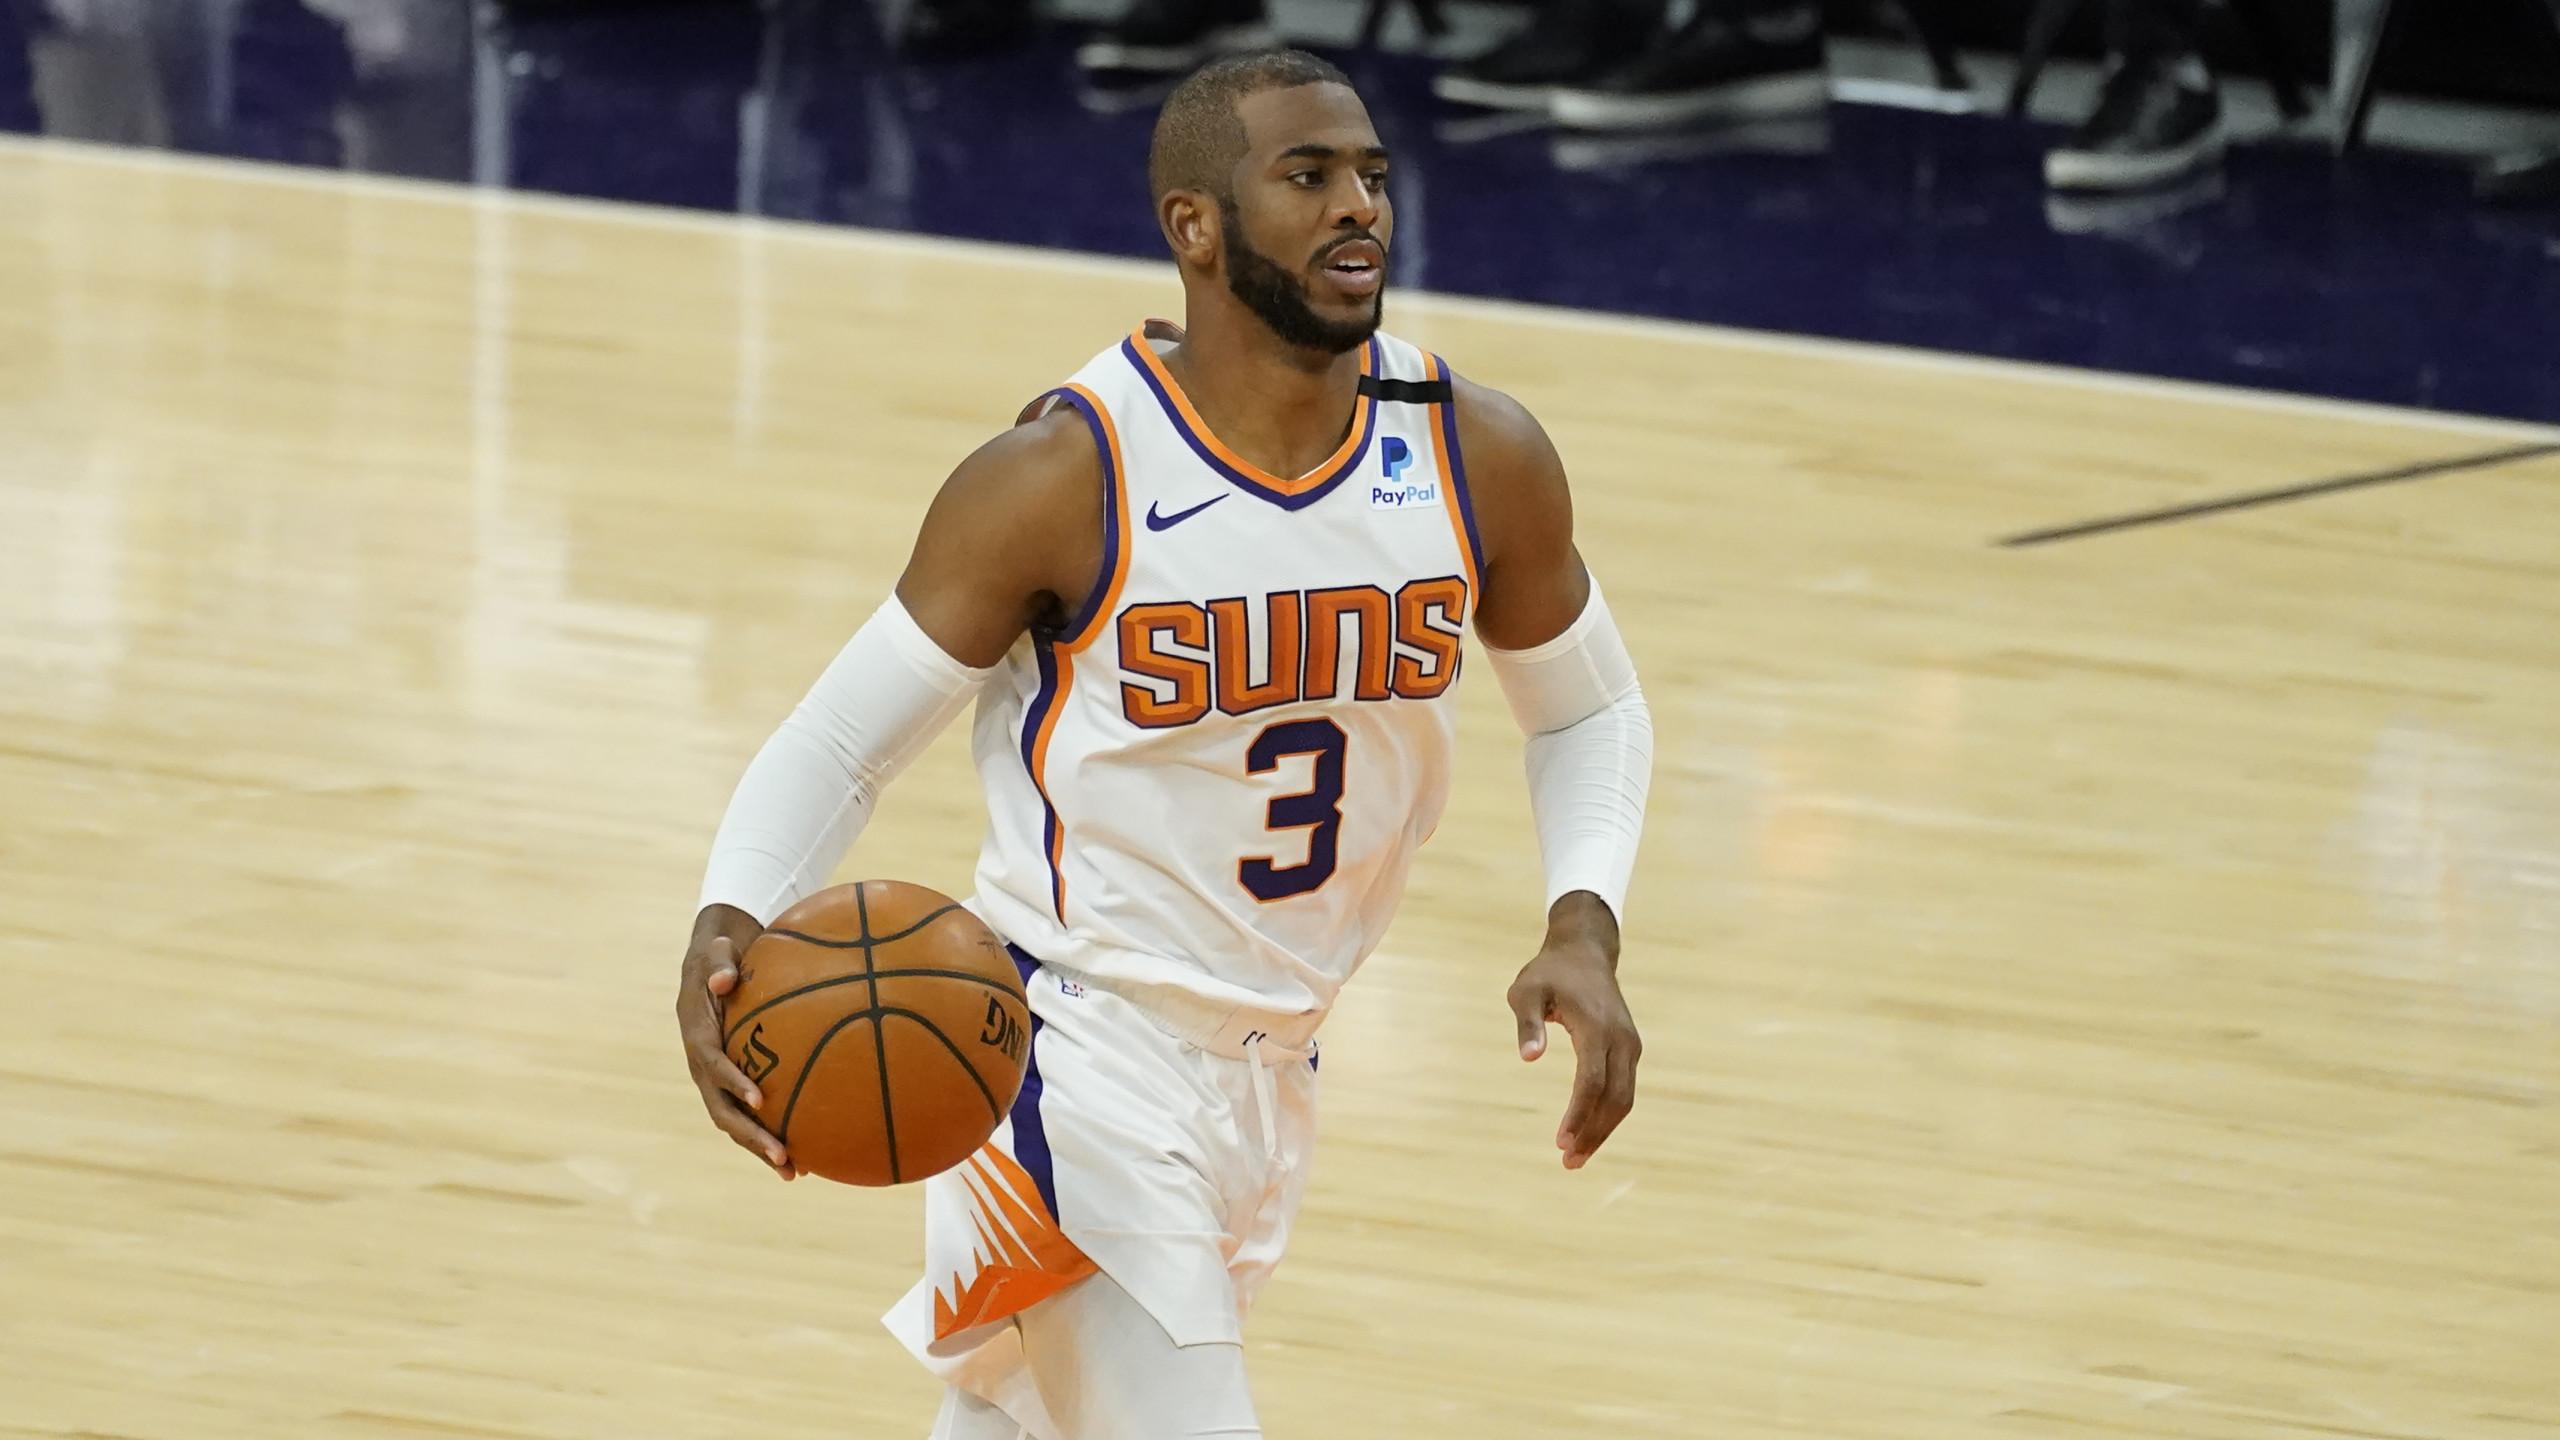 Warriors Suns Basketball - Phoenix Suns